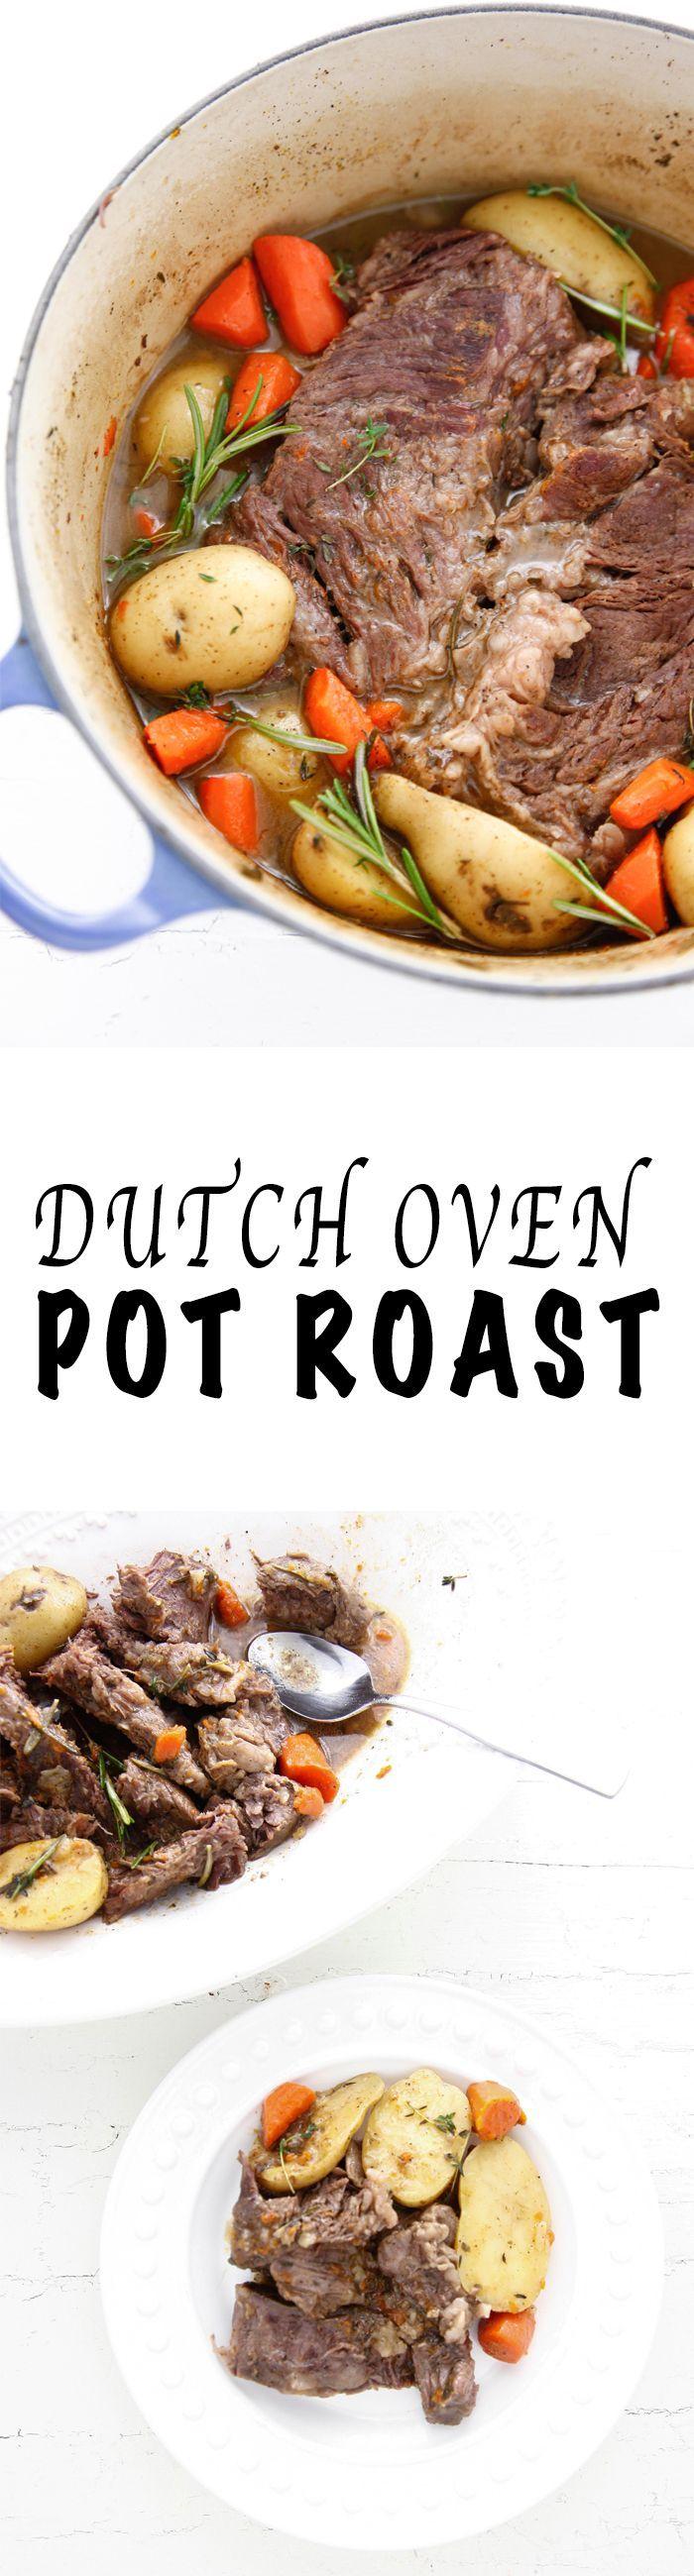 Dutch Oven Pot Roast via @thebrooklyncook